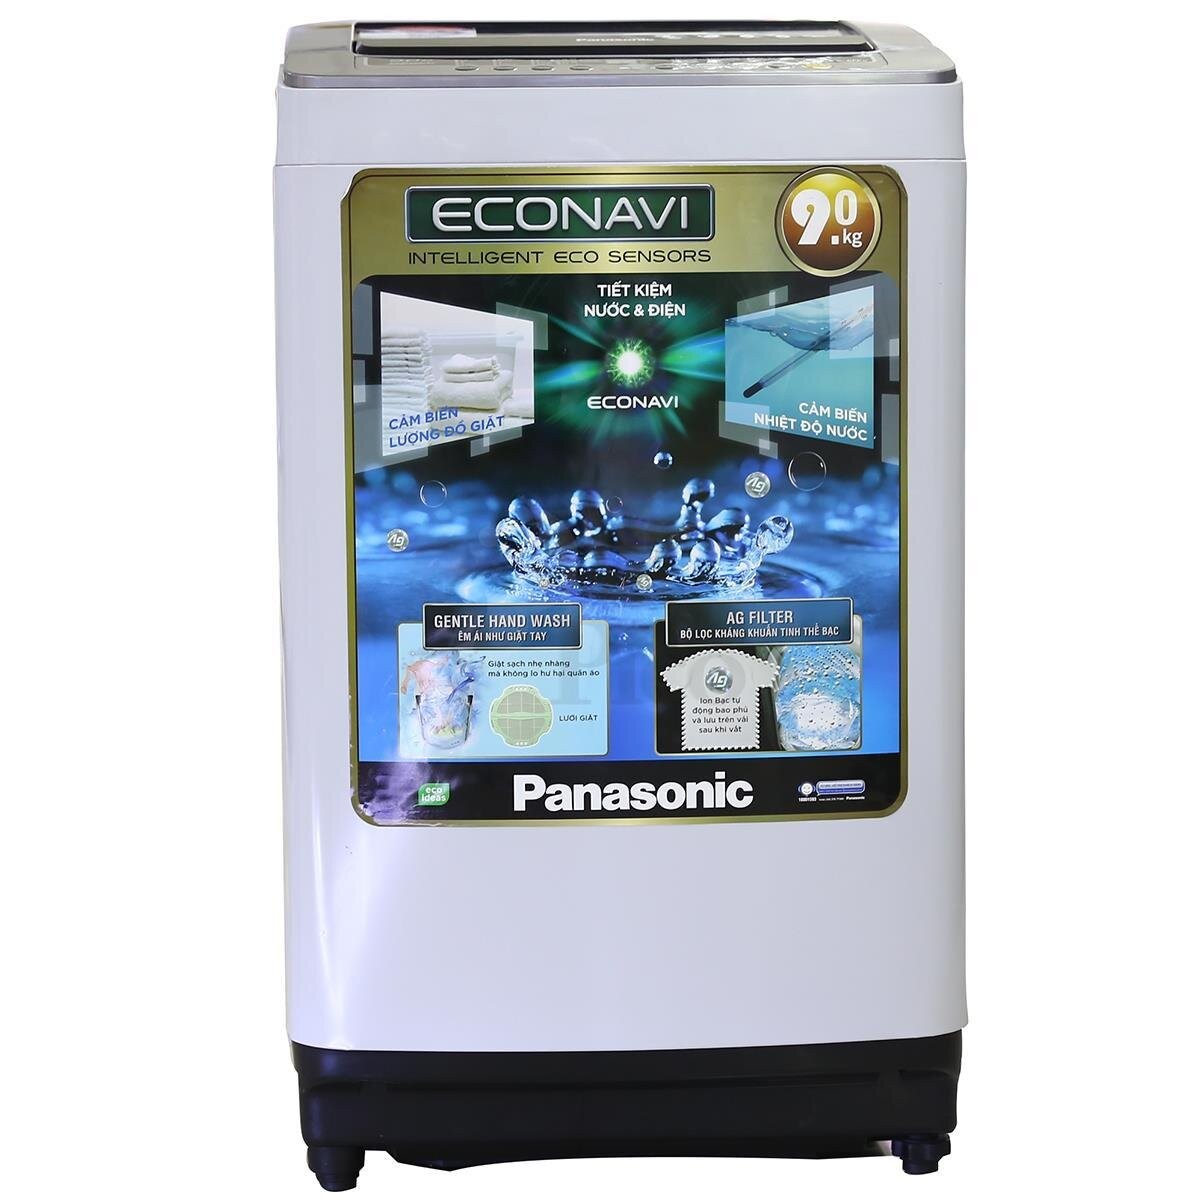 Máy giặt Panasonic 9kg lồng đứng có những loại nào giá bao nhiêu tiền?